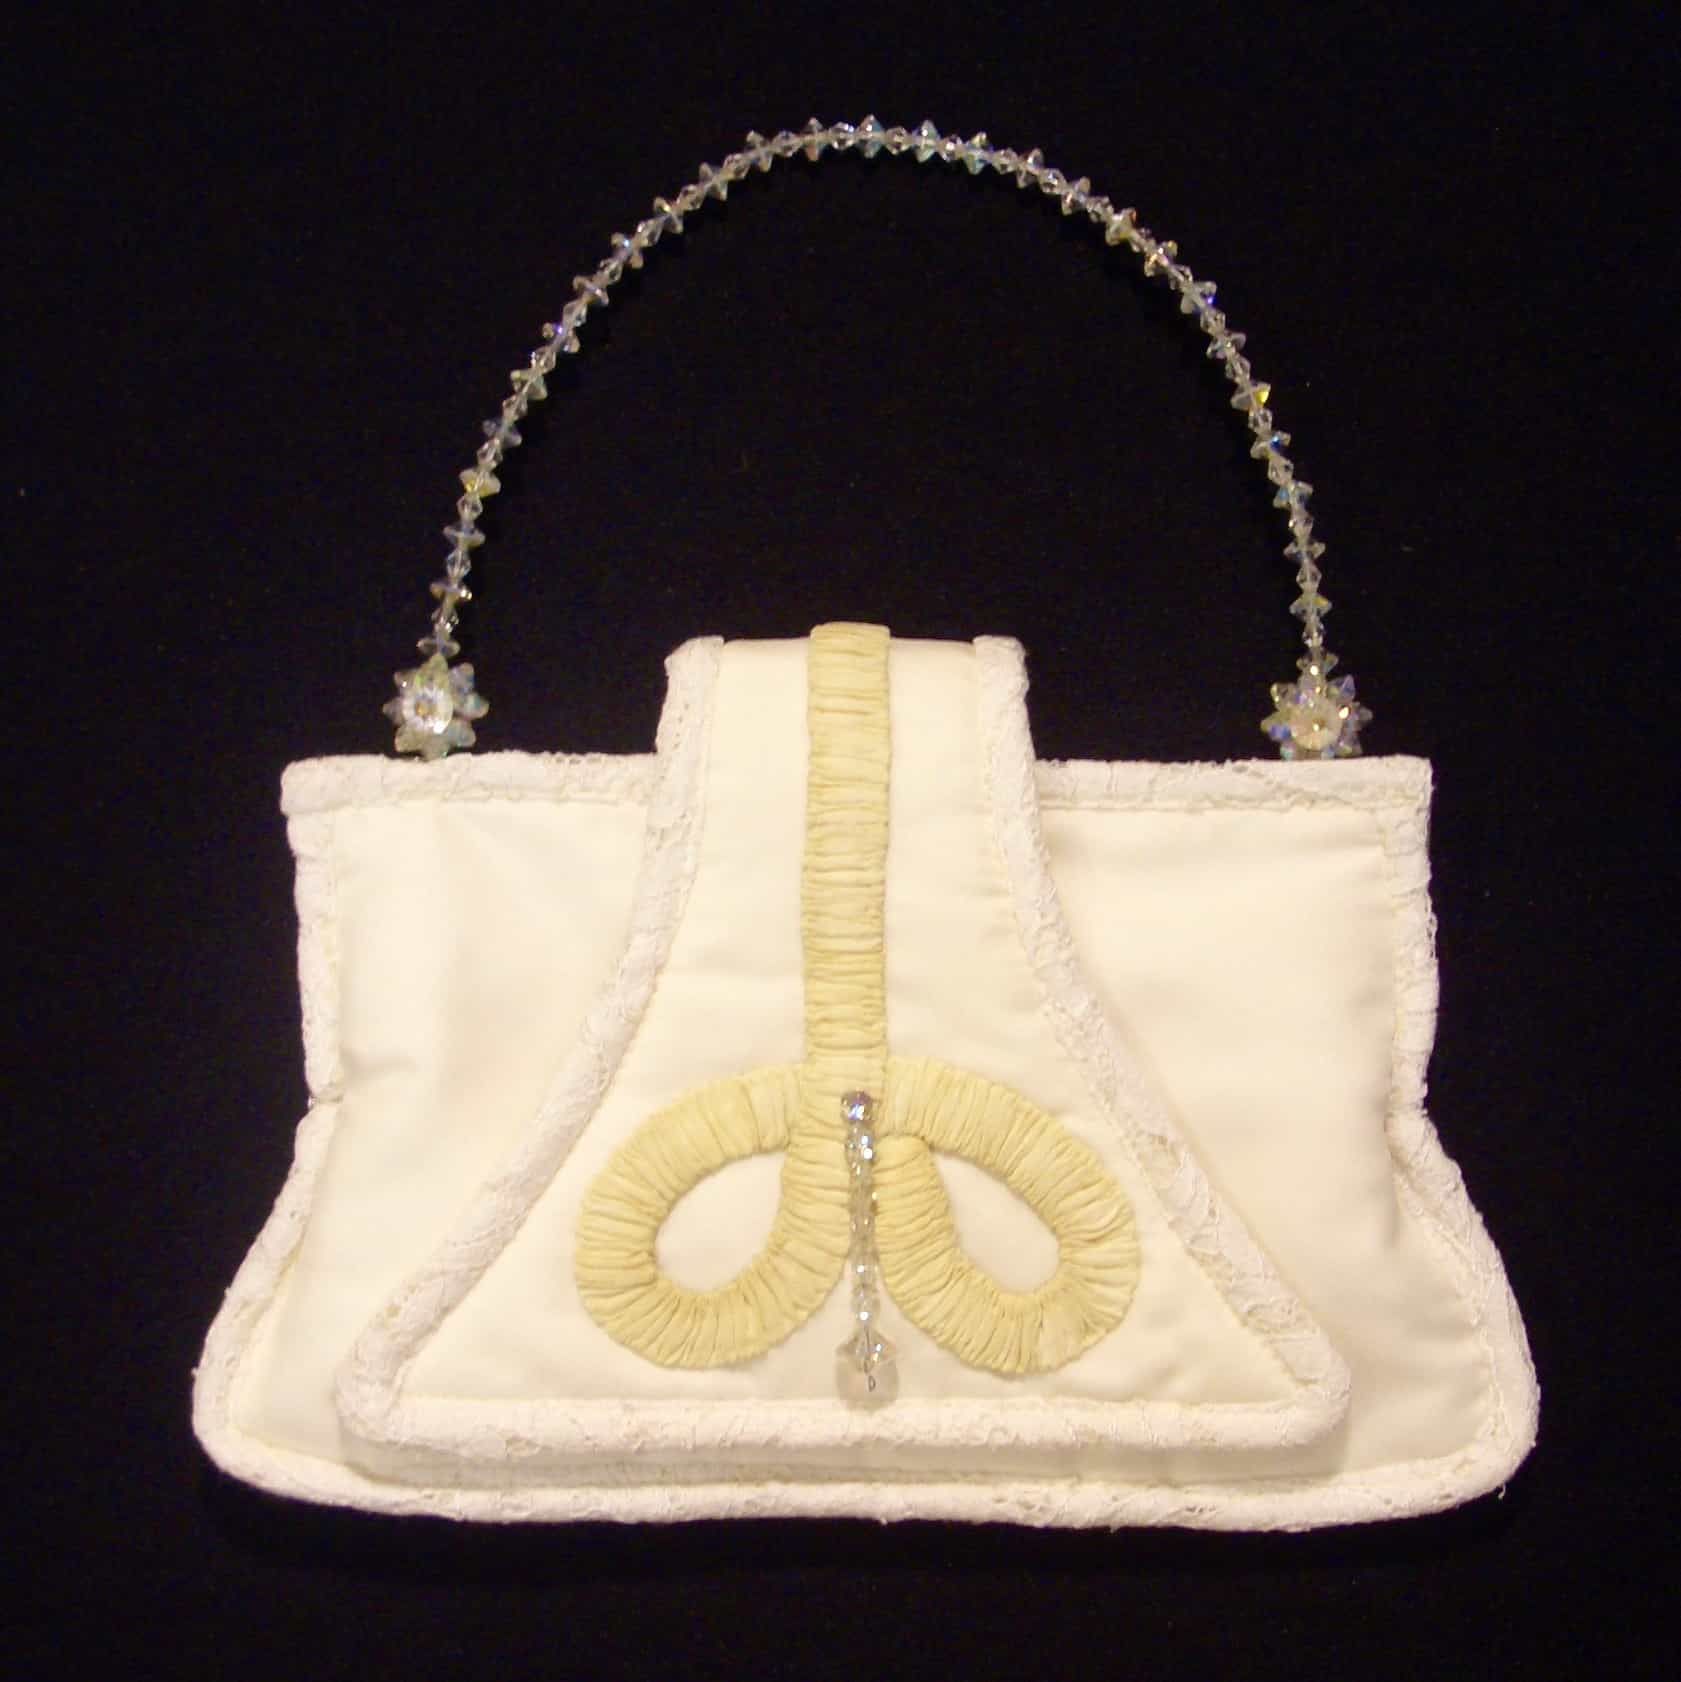 Nici's Bag Front